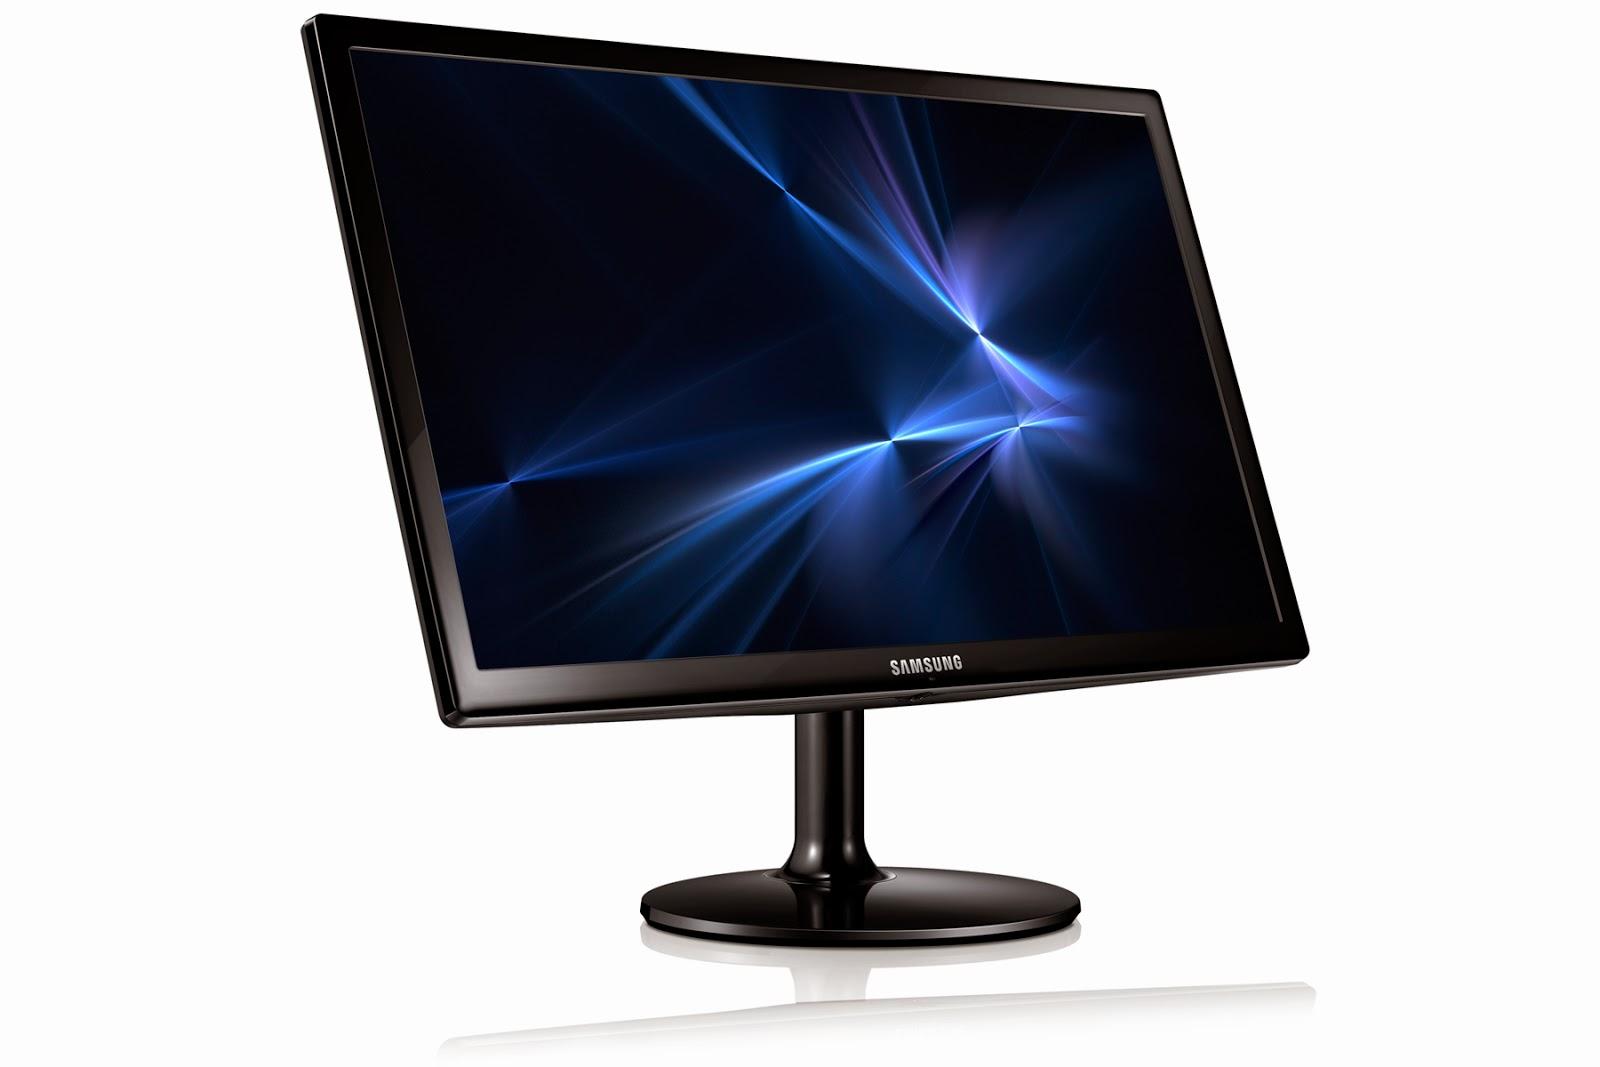 Samsung Led Monitor 185 S19d300 Daftar Harga Terkini Dan Hp20amp039 Lv2011 Jual